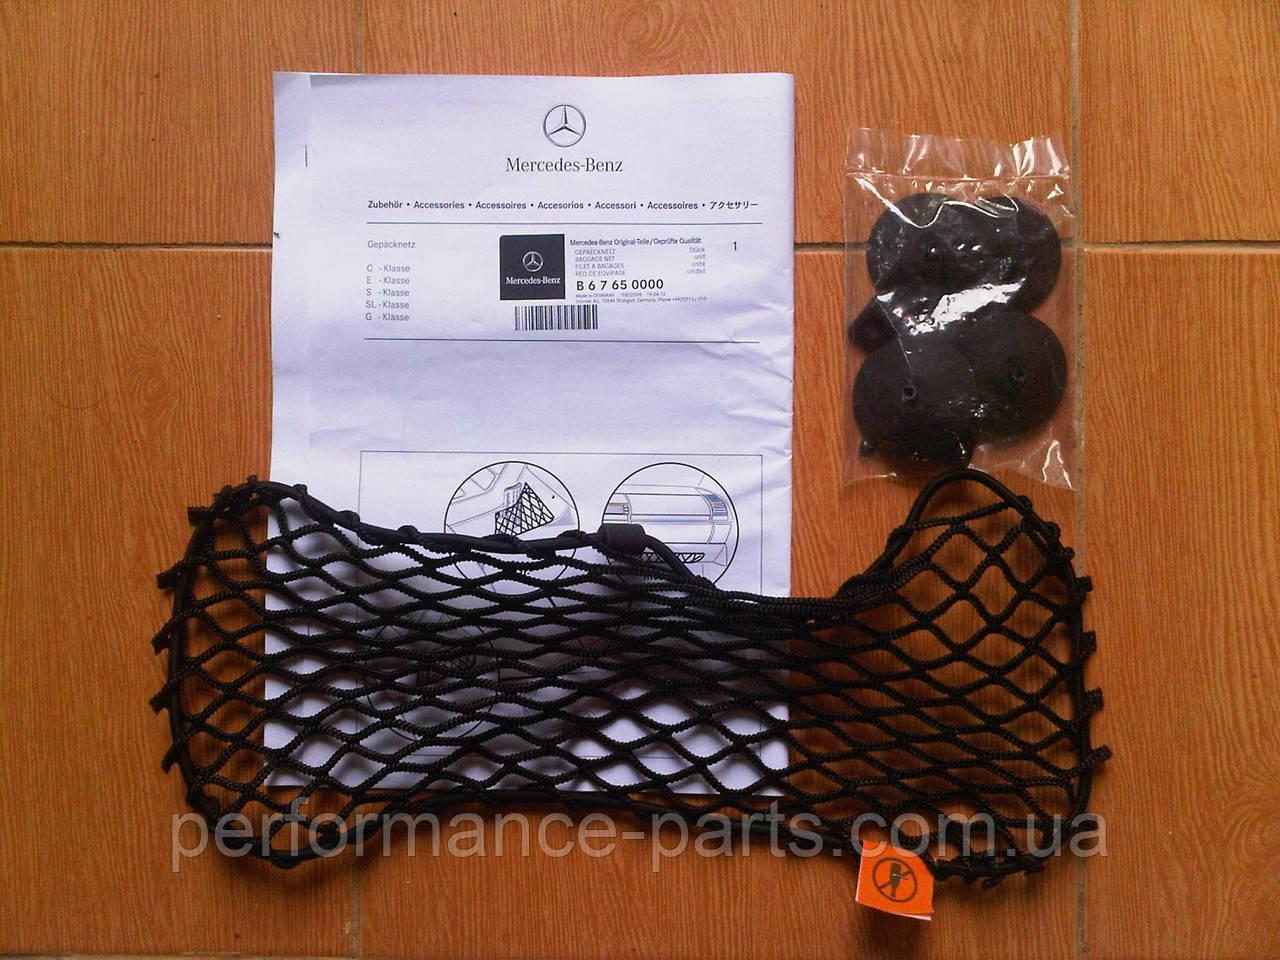 Сітка кріплення багажу, дрібних речей в салоні оригінал Mercedes-Benz B67650000